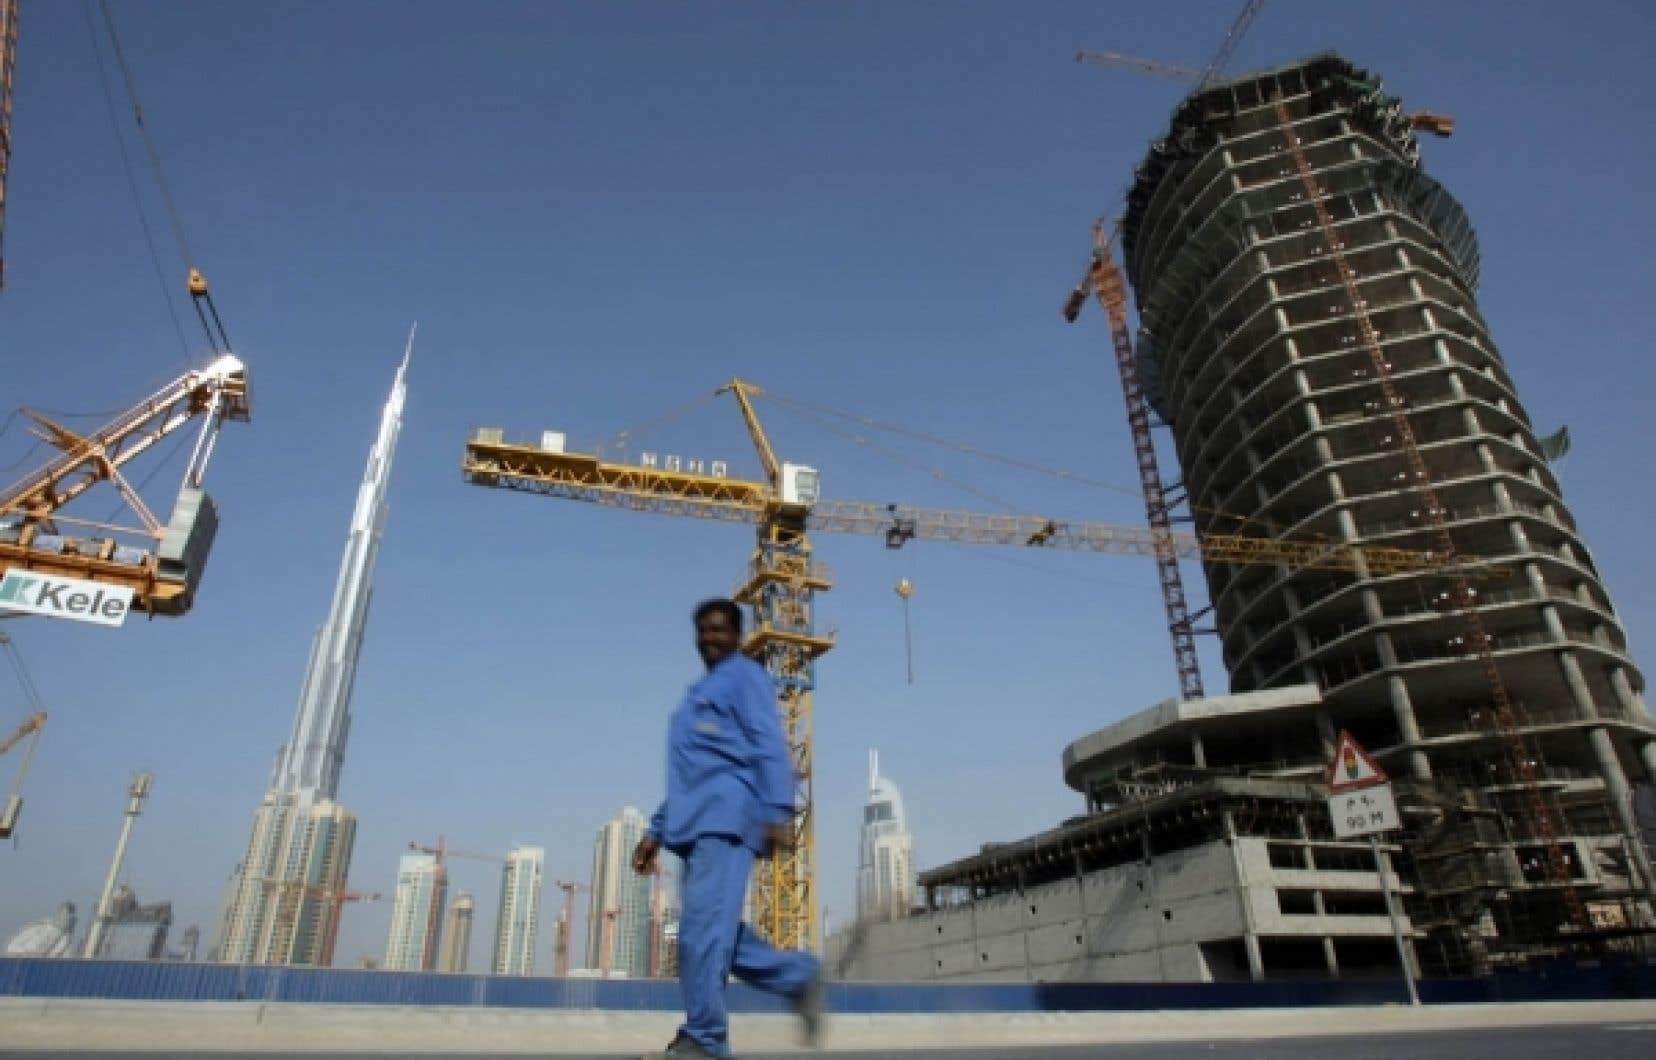 Les expatriés constituent, avec la main-d'œuvre étrangère, plus de 80 % des habitants de Dubaï.